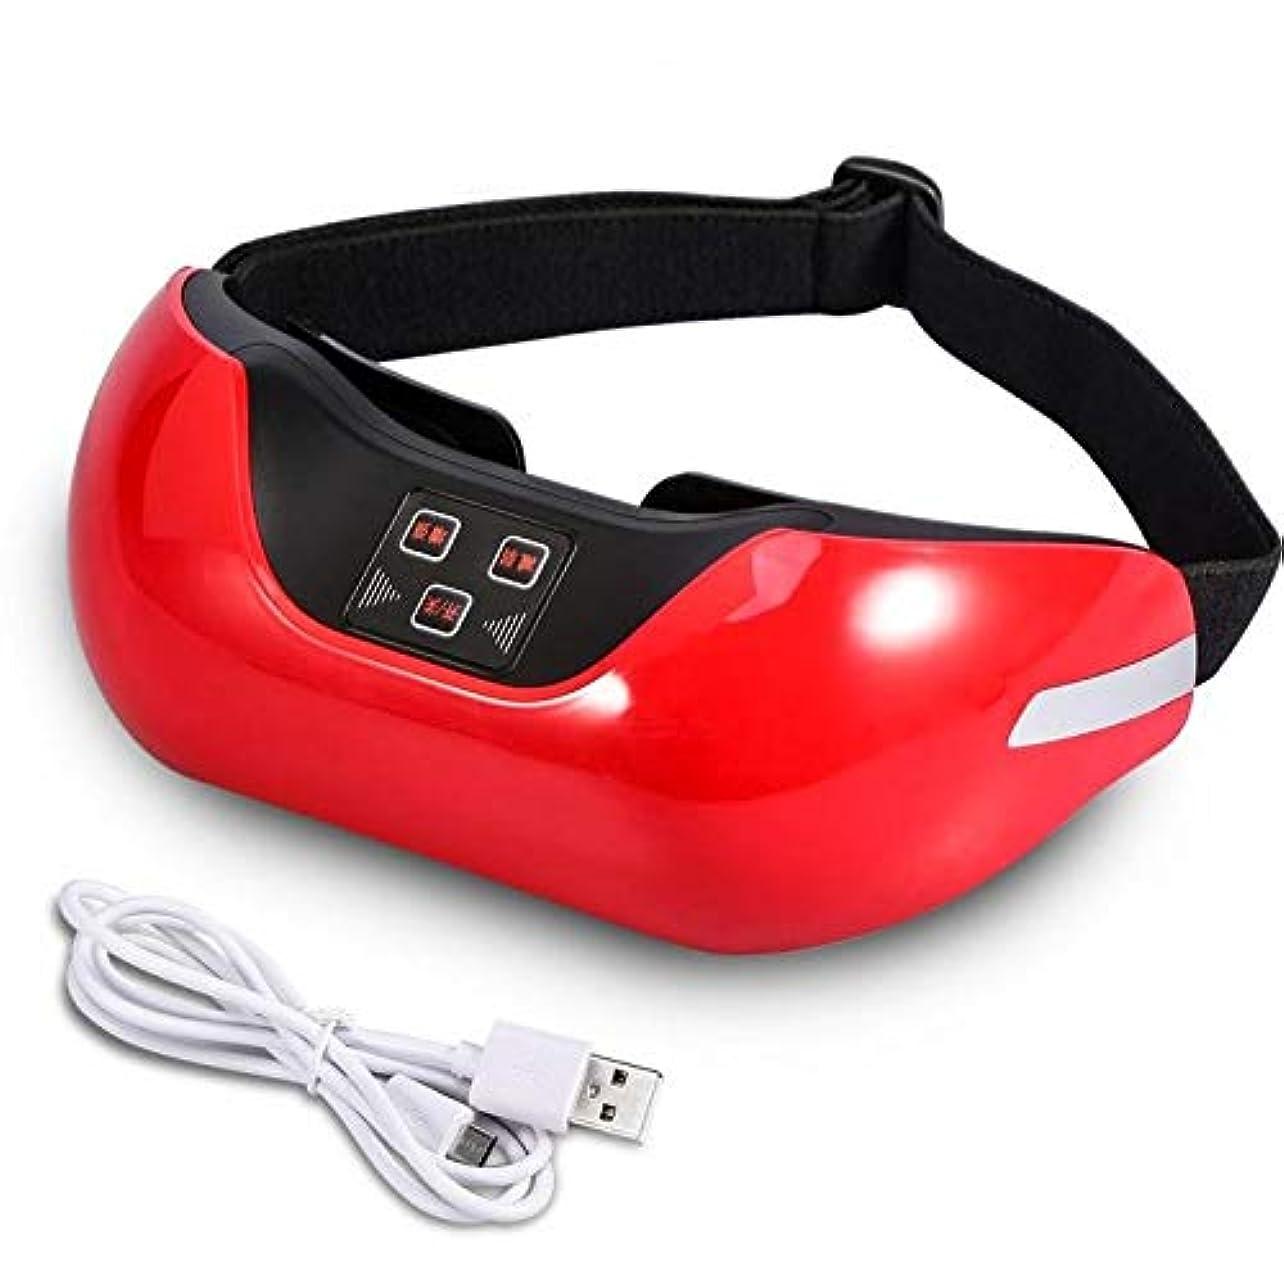 Ruzzy 緑色光アイマッサージャー付き3D充電式マッサージャー 購入へようこそ (Color : Red)